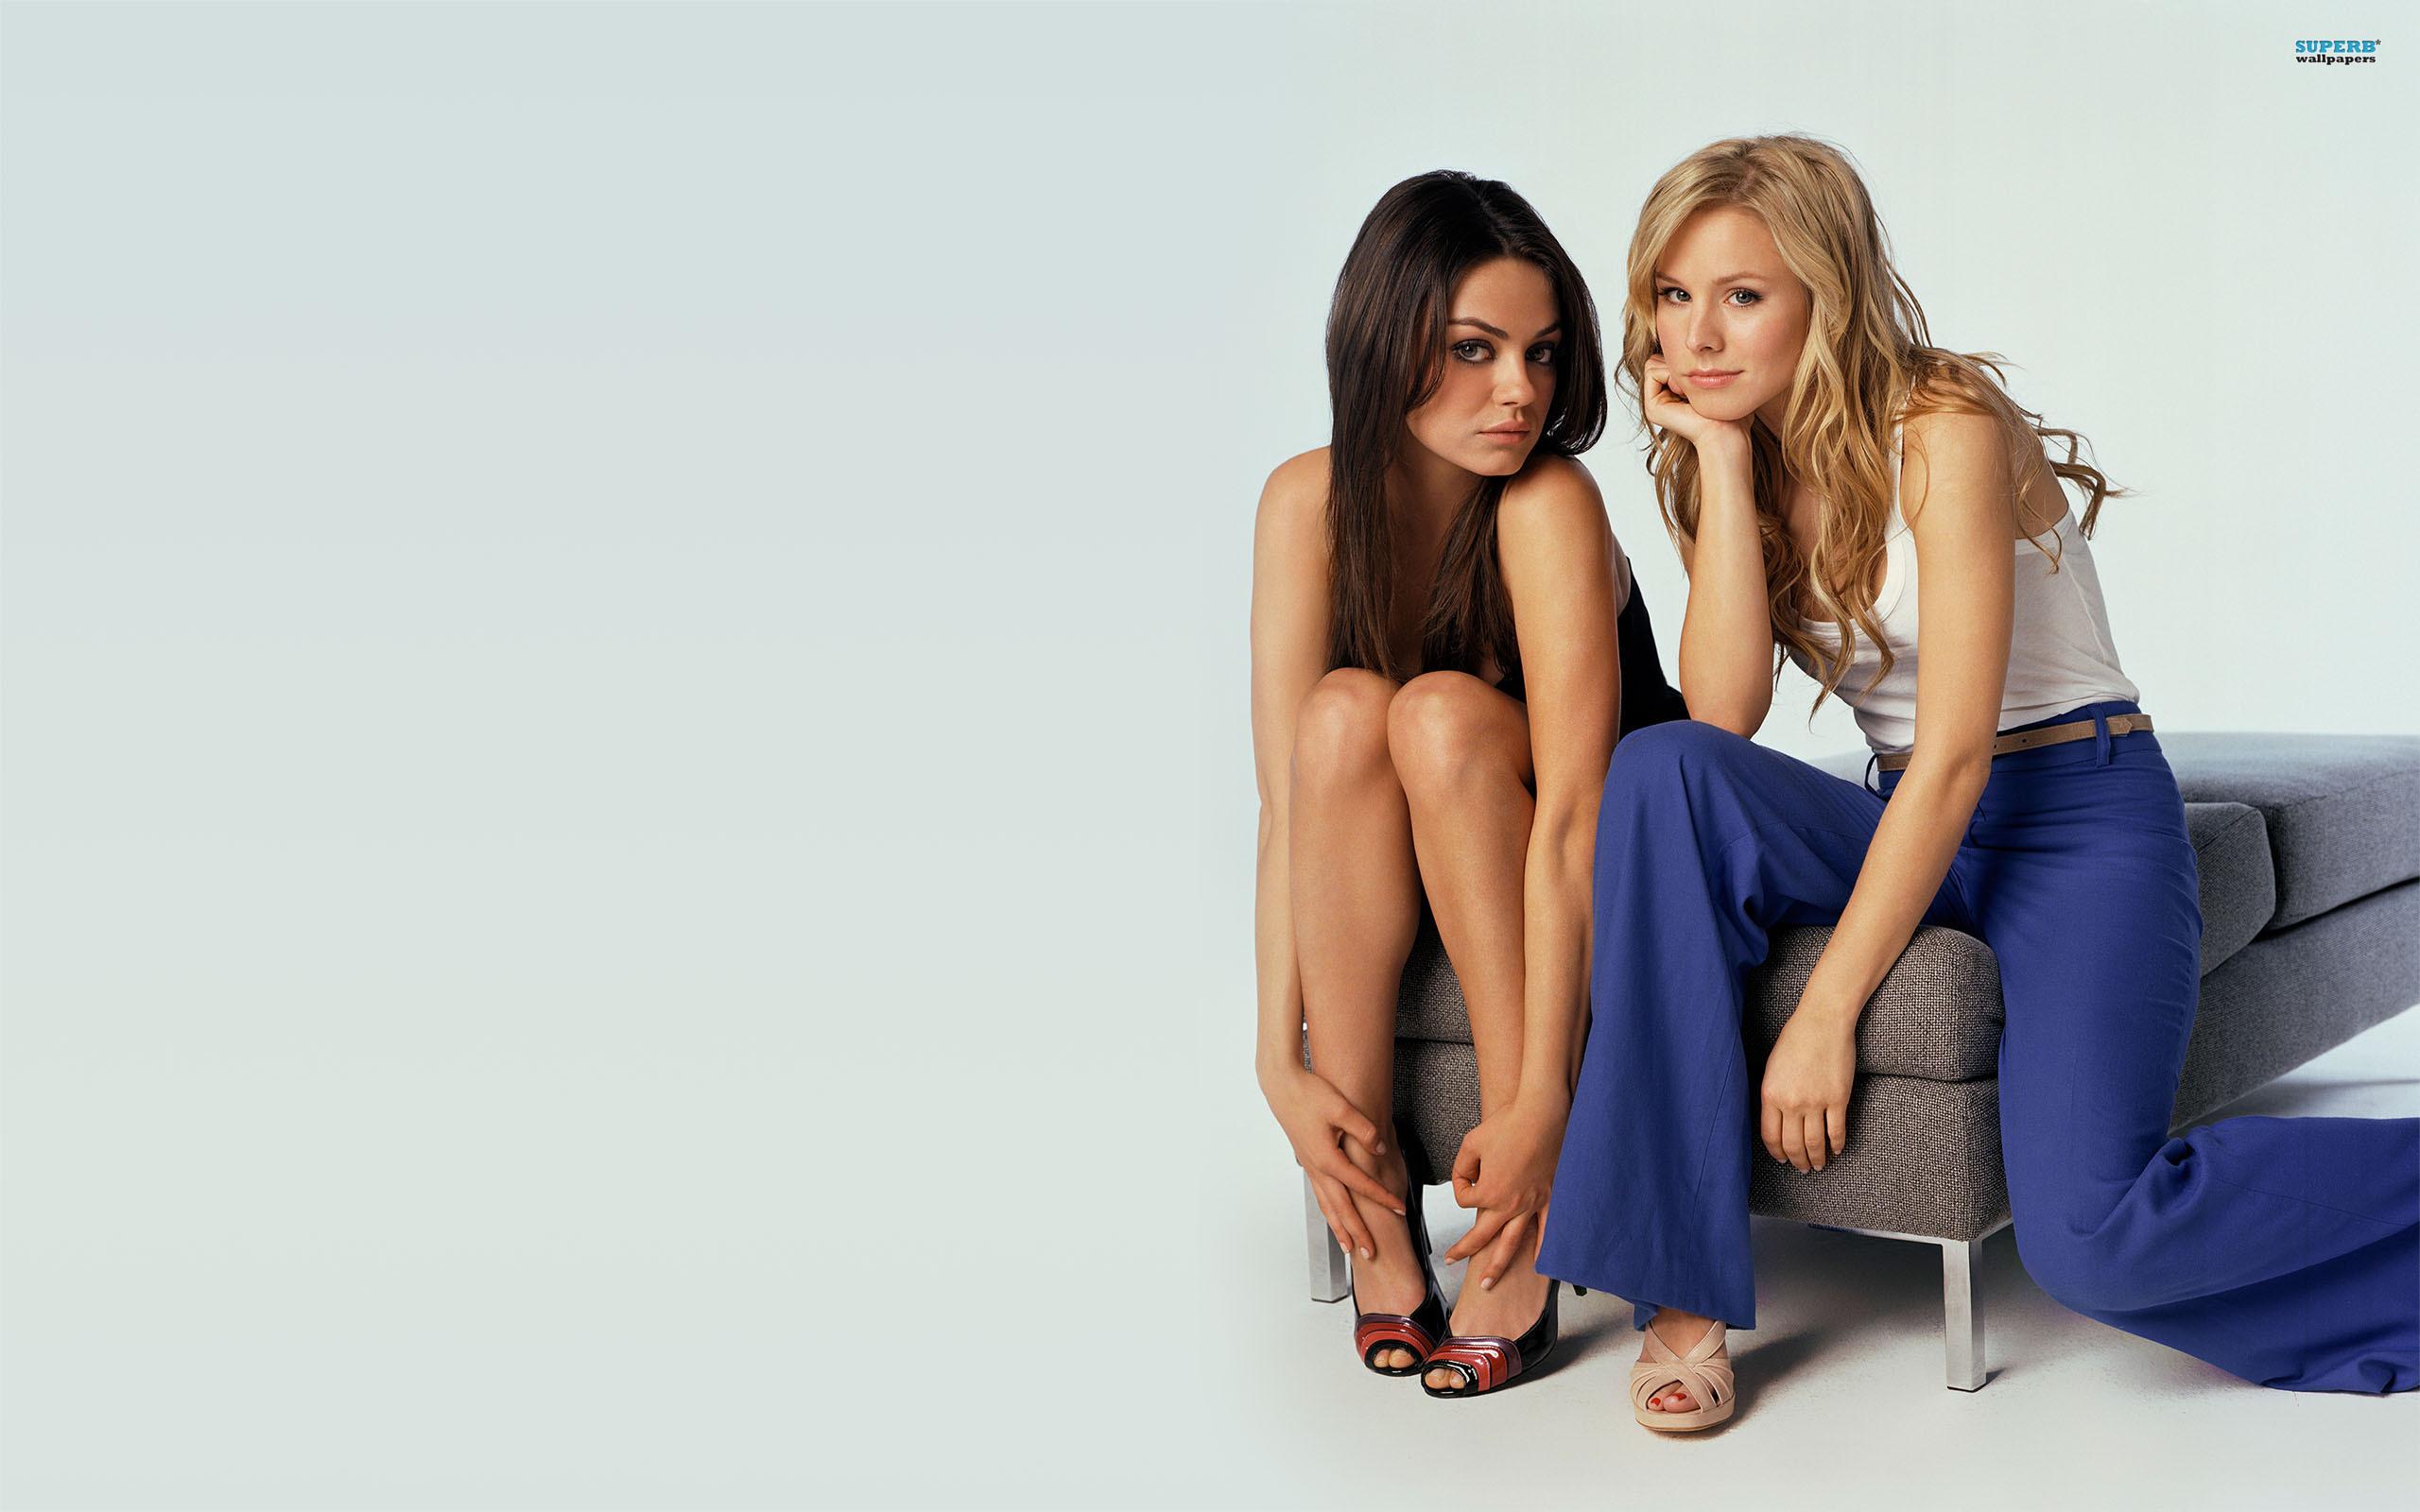 Mila Kunis and Kristen Bell wallpaper 2560x1600